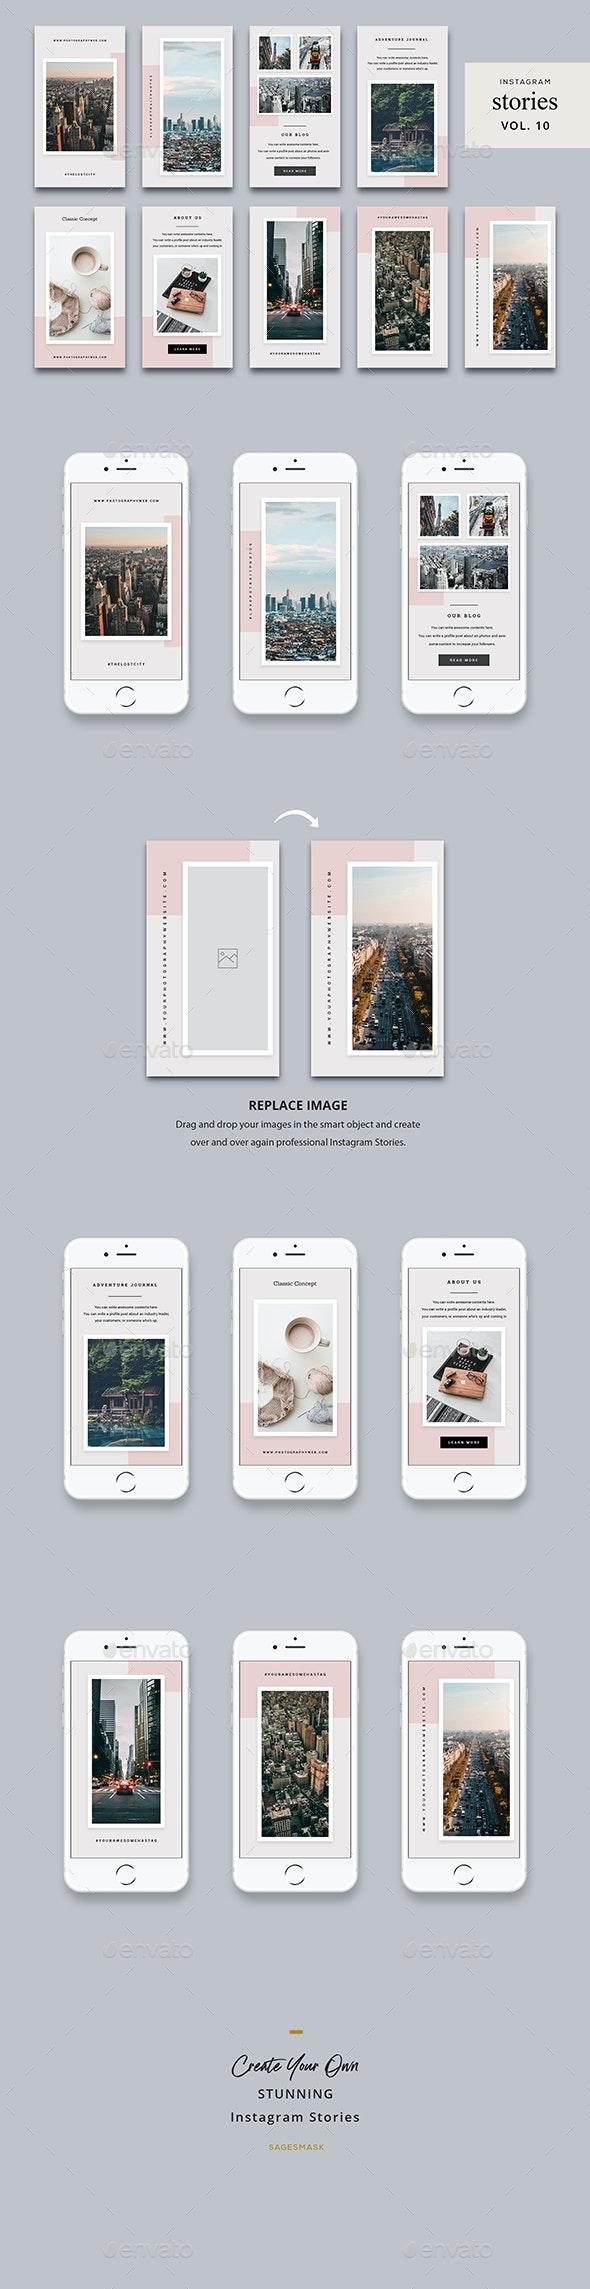 Instagram Stories Vol. 10 - Social Media Web Elements